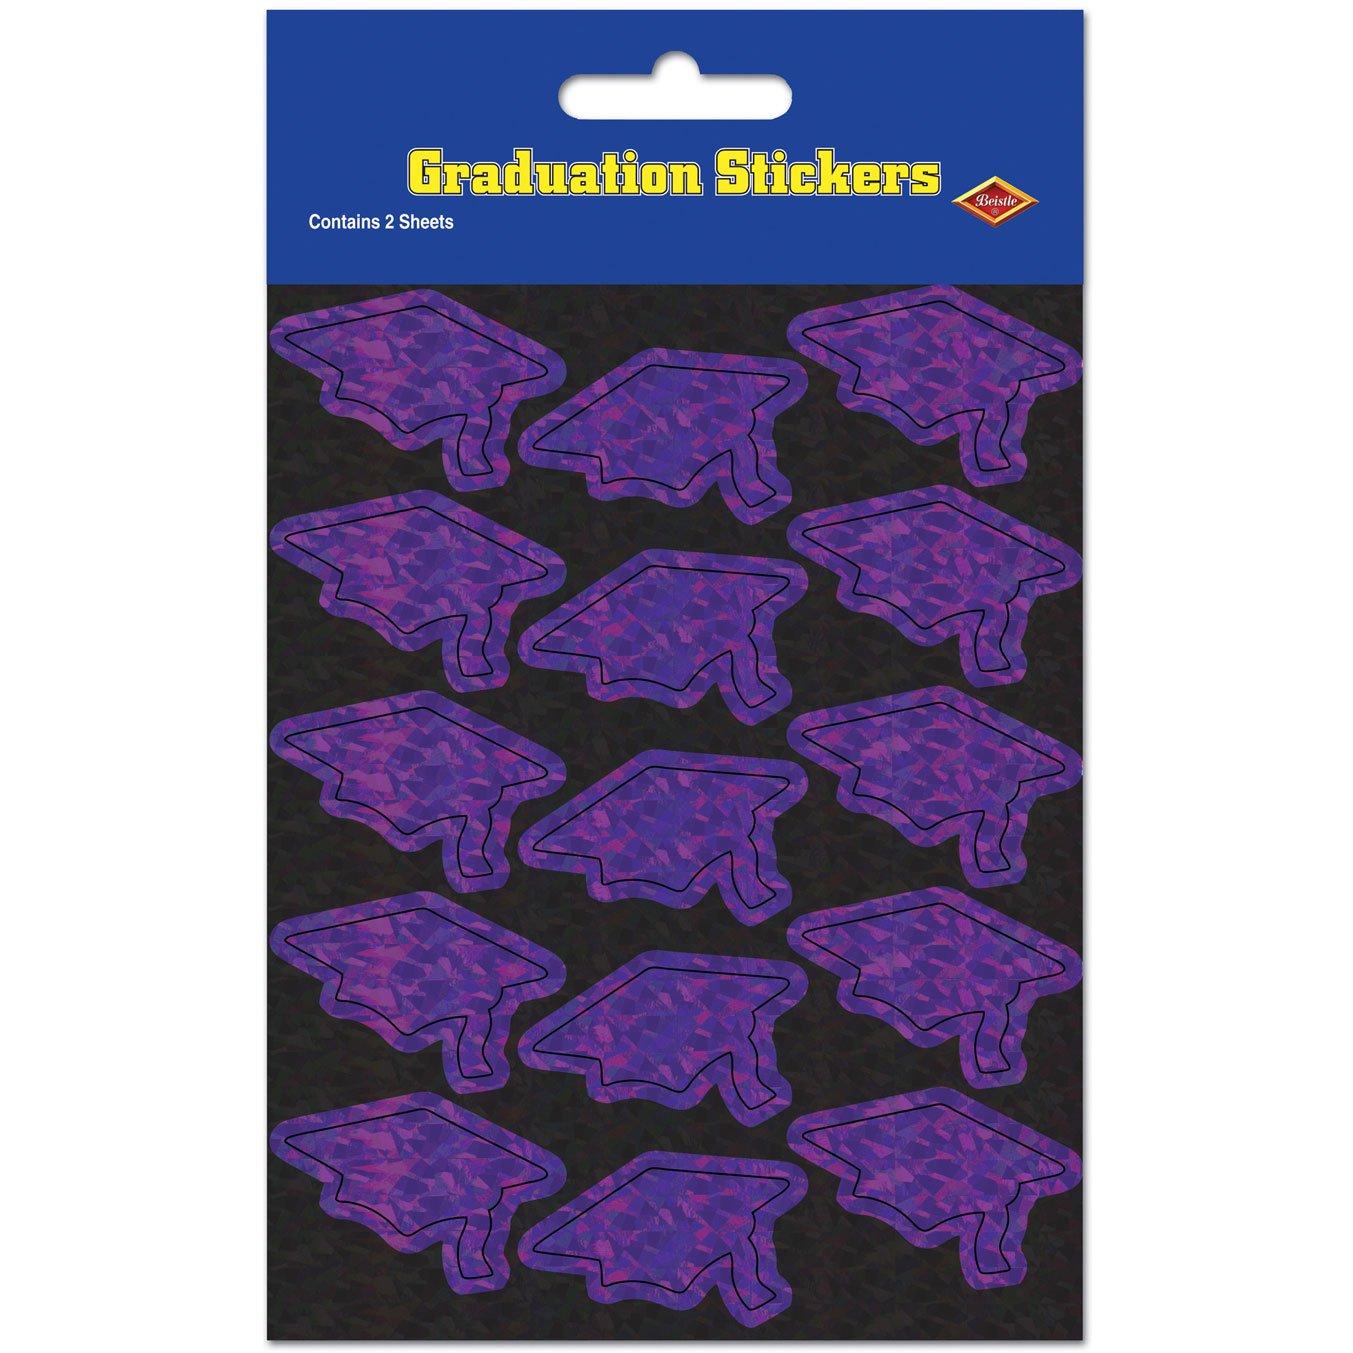 Prismatic Grad Cap Stickers Beistle 2 Shs//Pkg purple 1 count Party Accessory